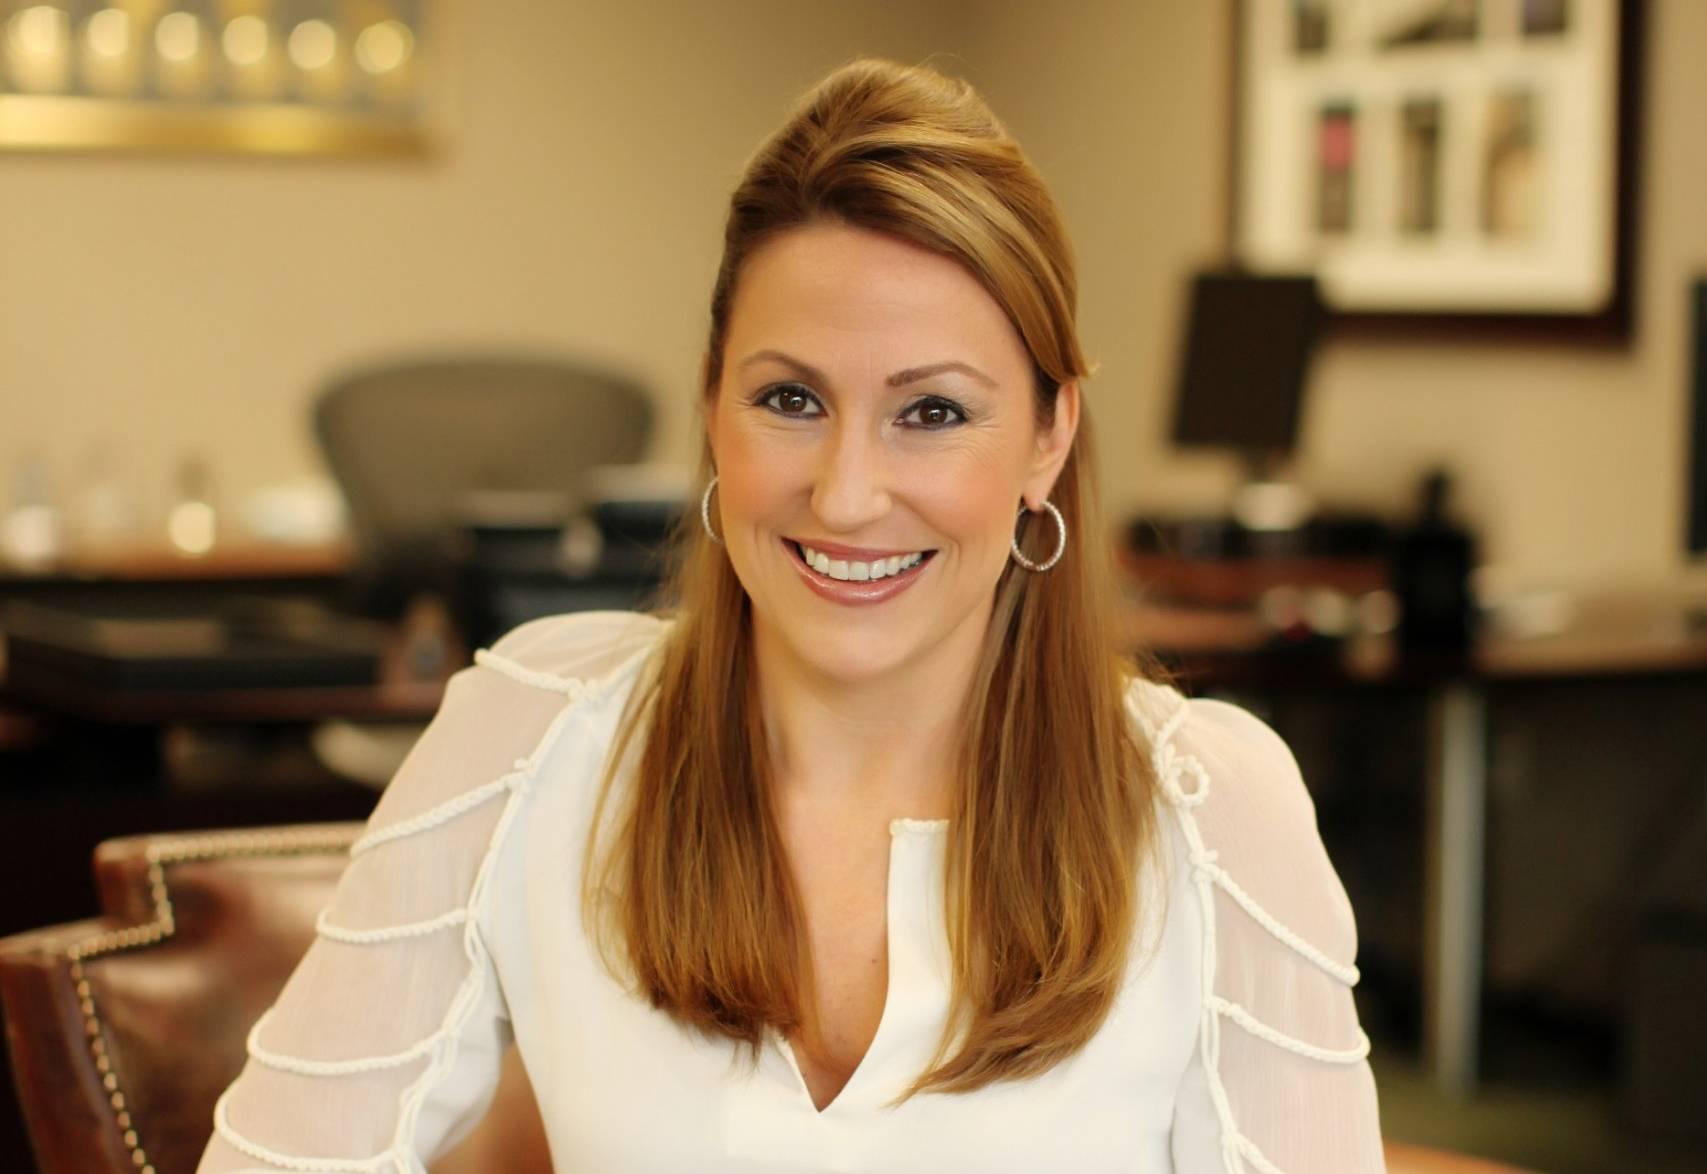 <h1>Heather Bresch</h1>     <em>*Ms. Bresch is now CEO of Mylan</em>